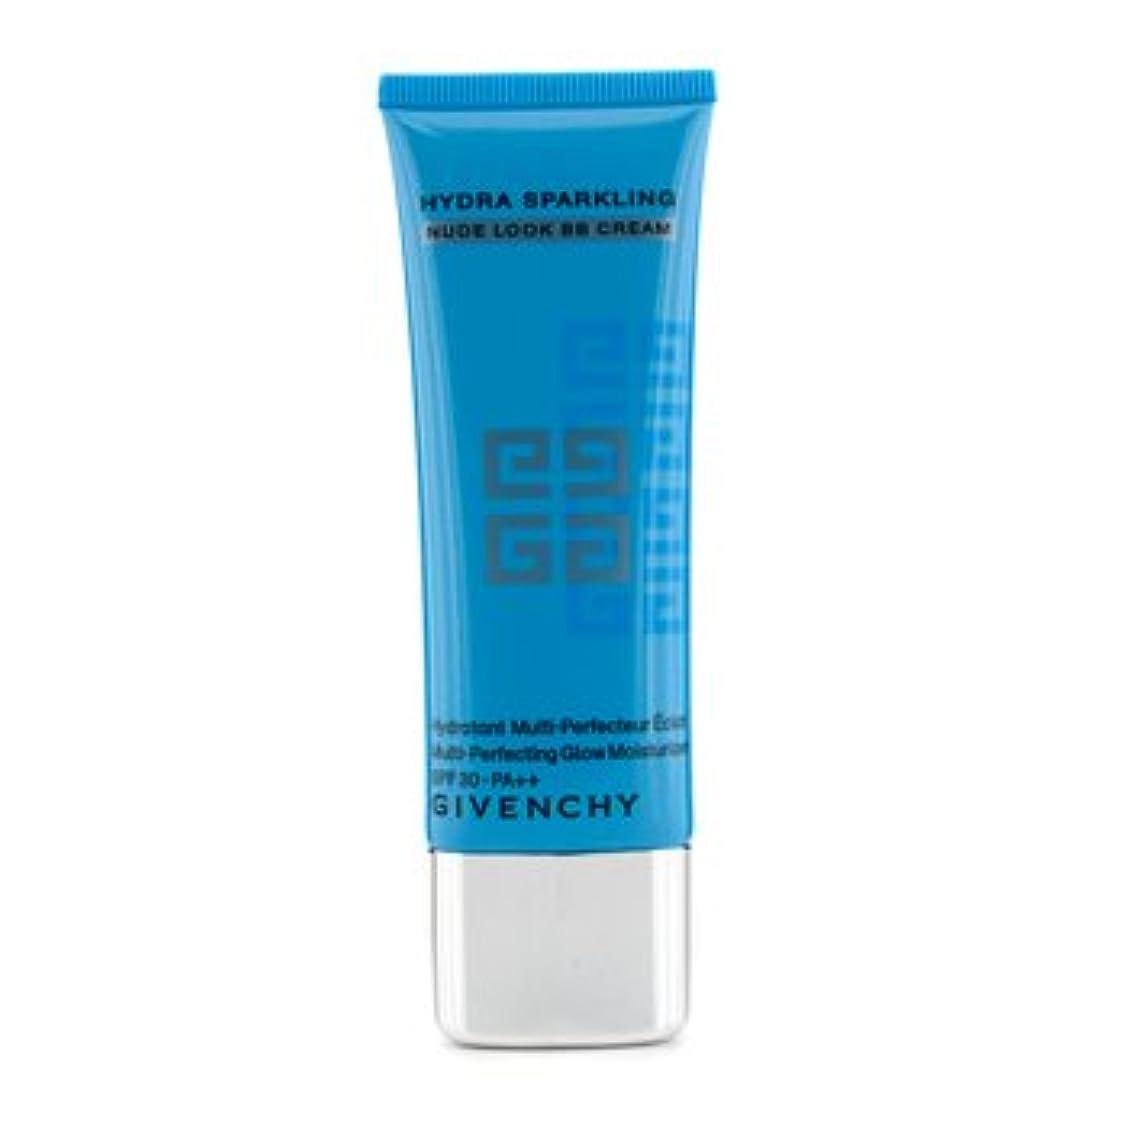 同志ショルダーウサギ[Givenchy] Nude Look BB Cream Multi-Perfecting Glow Moisturizer SPF 30 PA++ 40ml/1.35oz